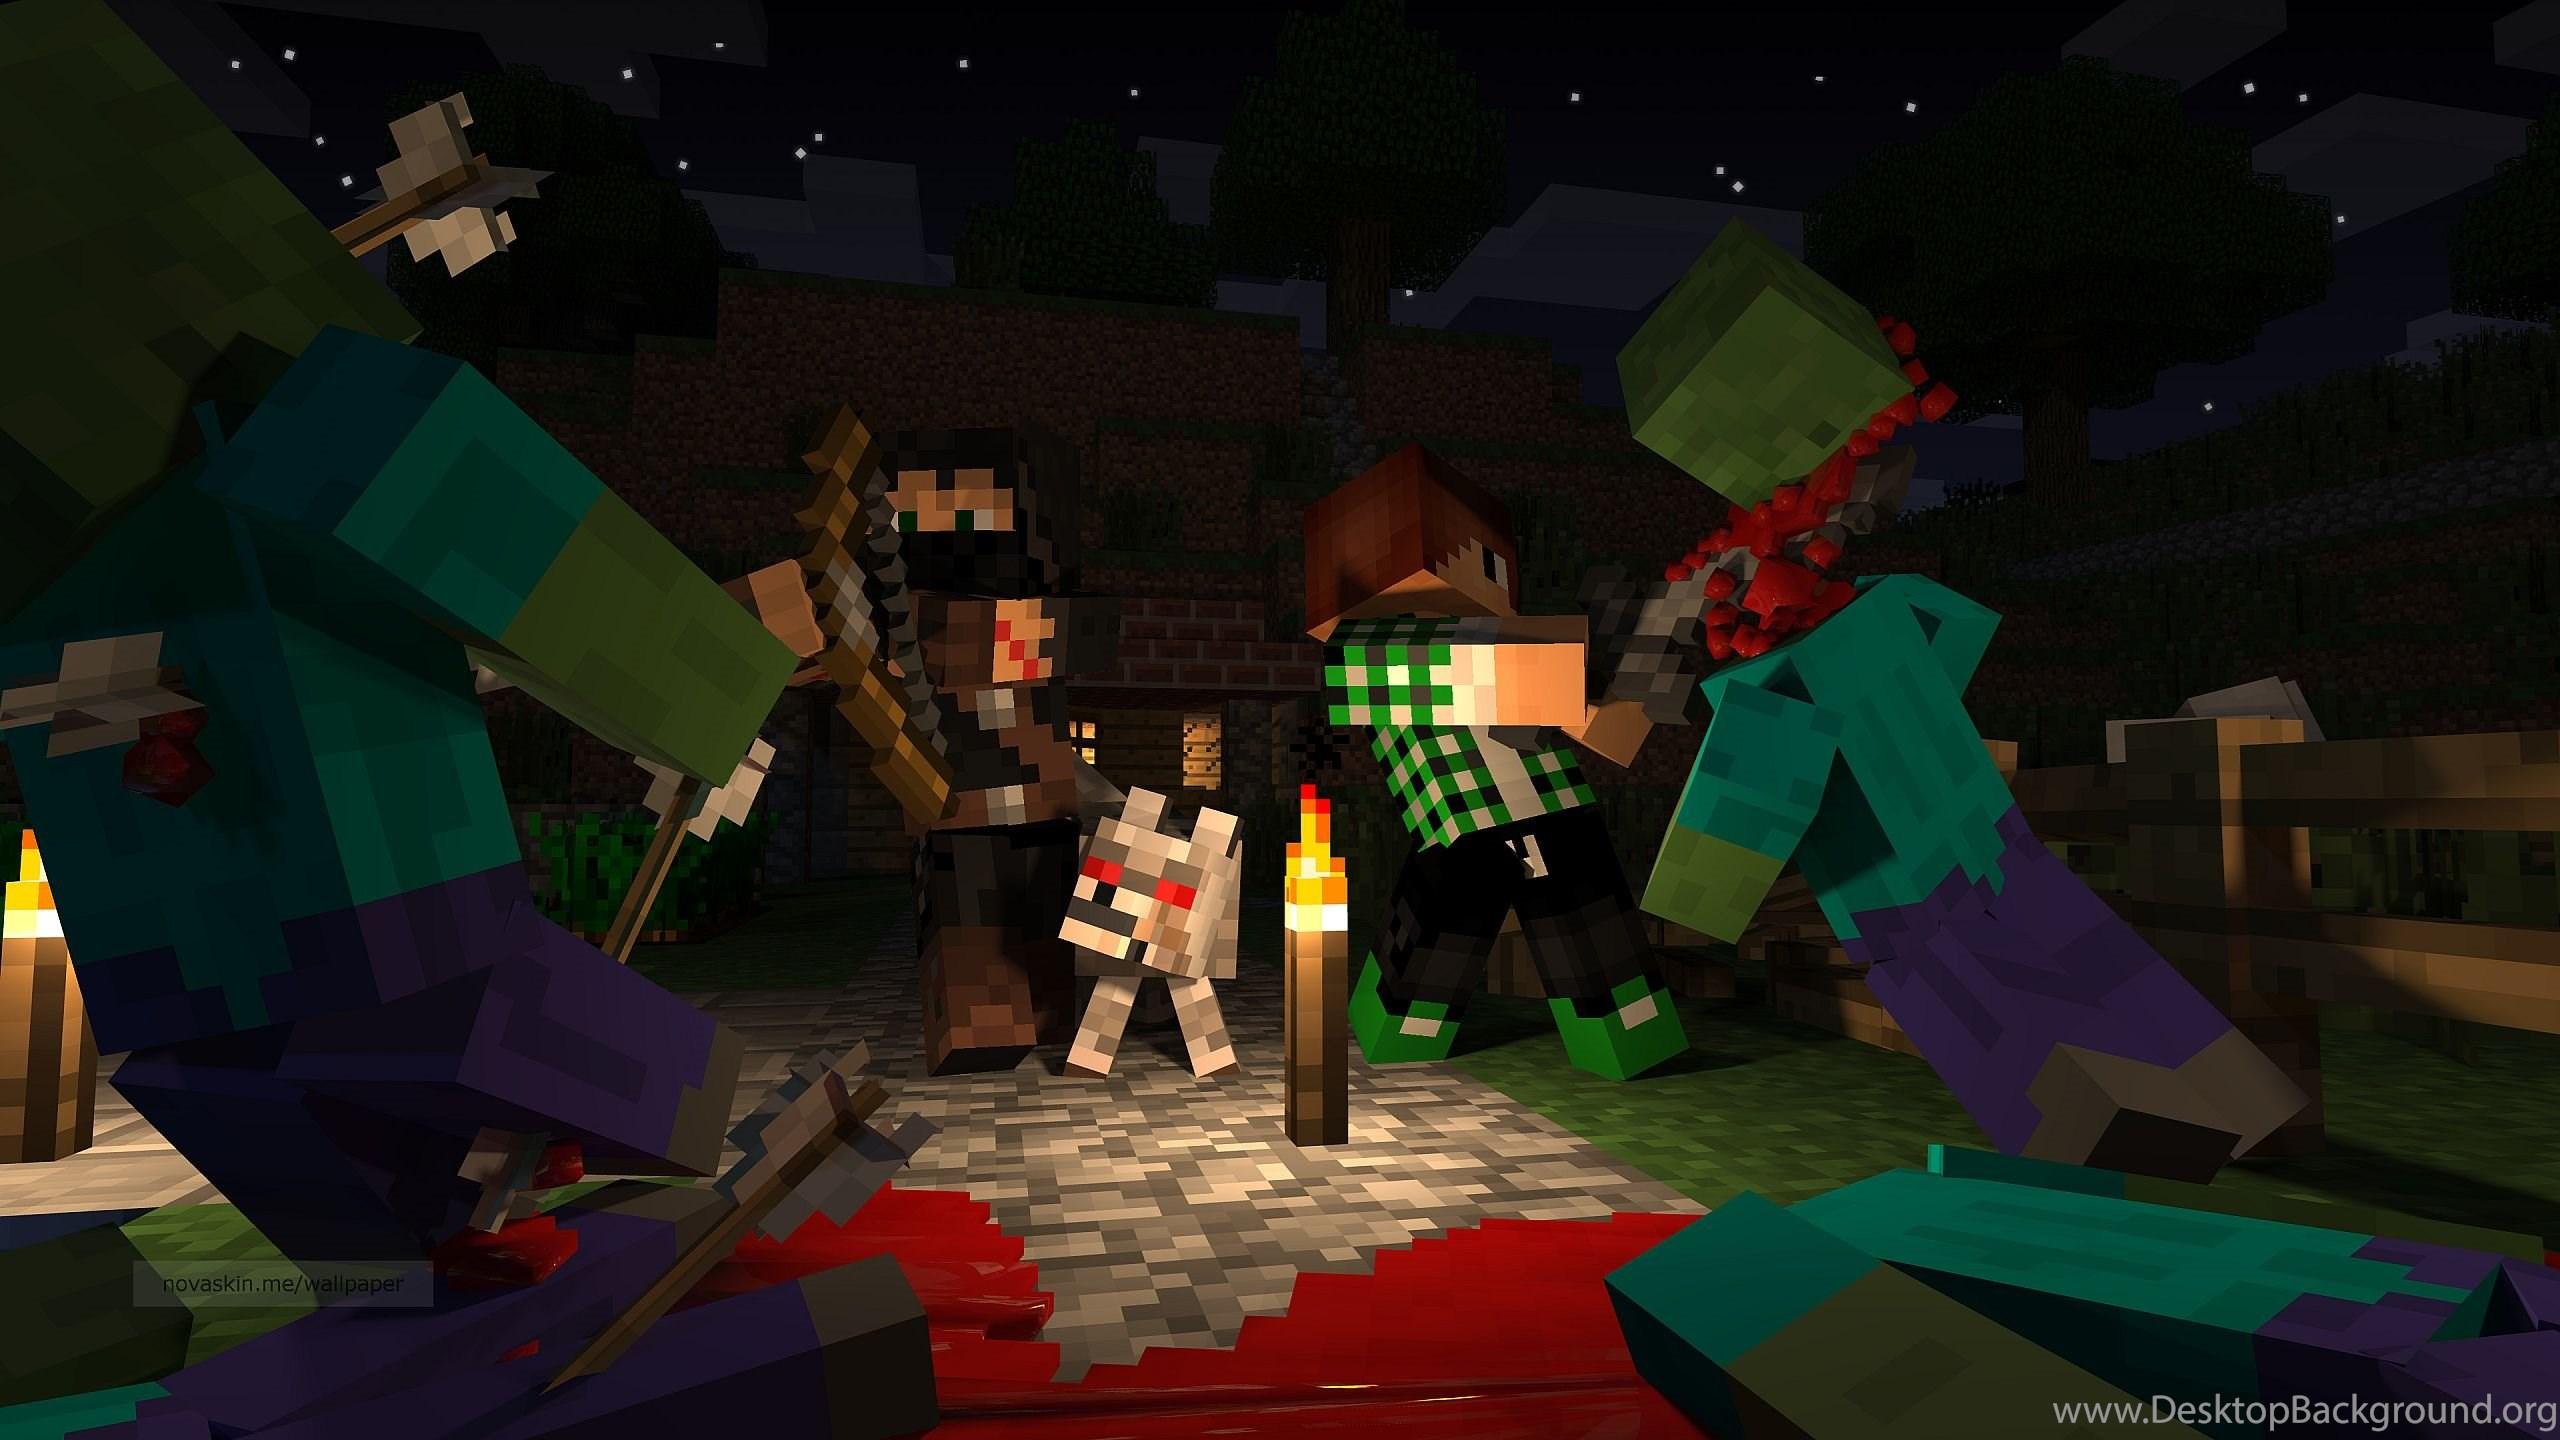 Terraria Or Minecraft Minecraft Blog Desktop Background